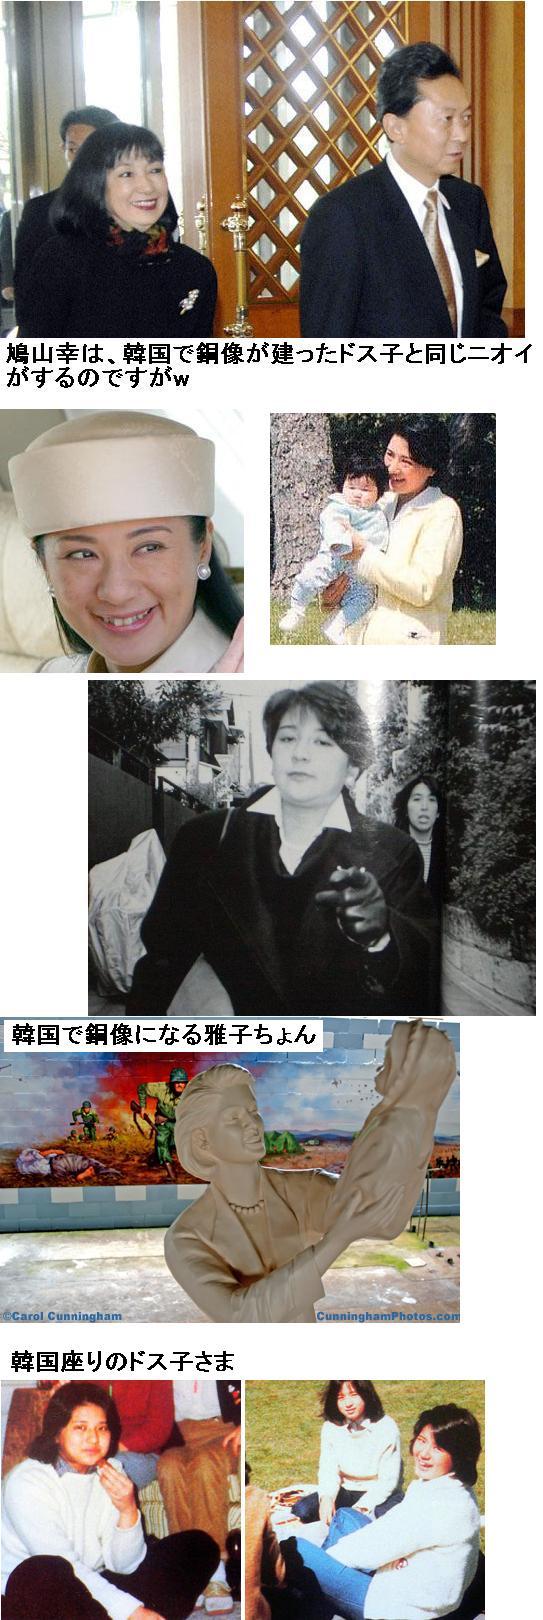 masakotomiyuki1.jpg